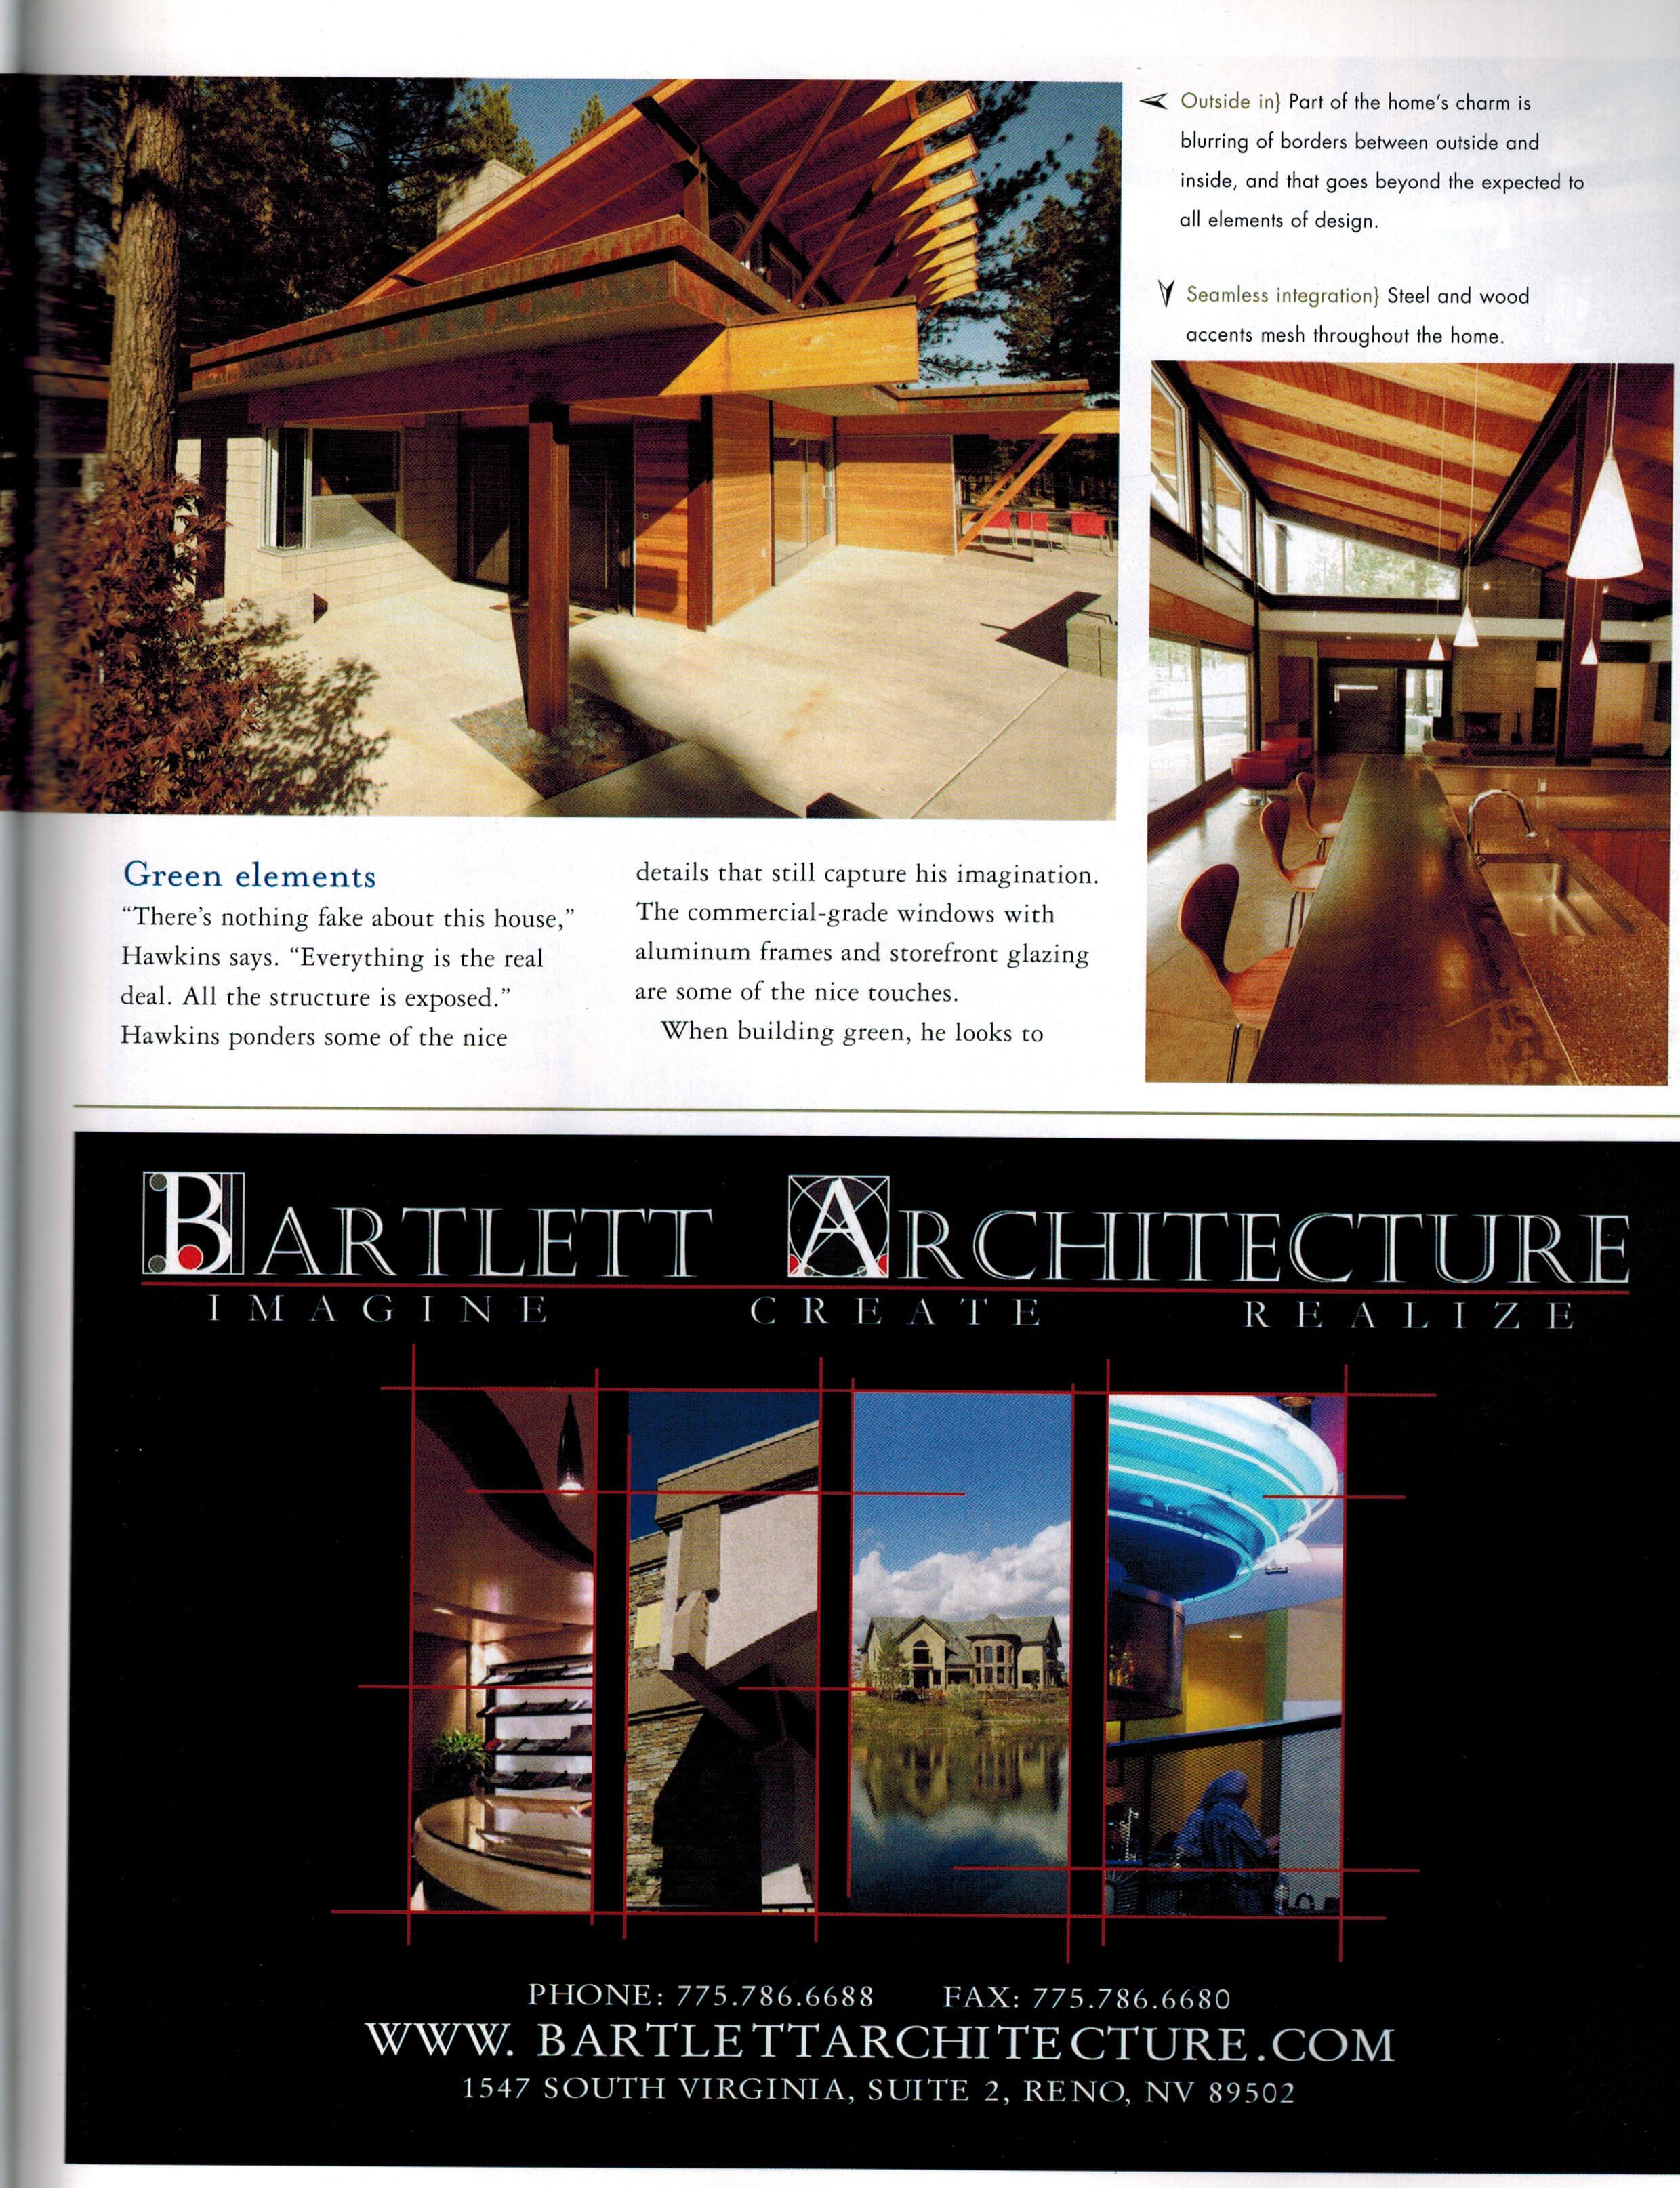 Reno Magazine Architecture Design Awards 2007_Page_5